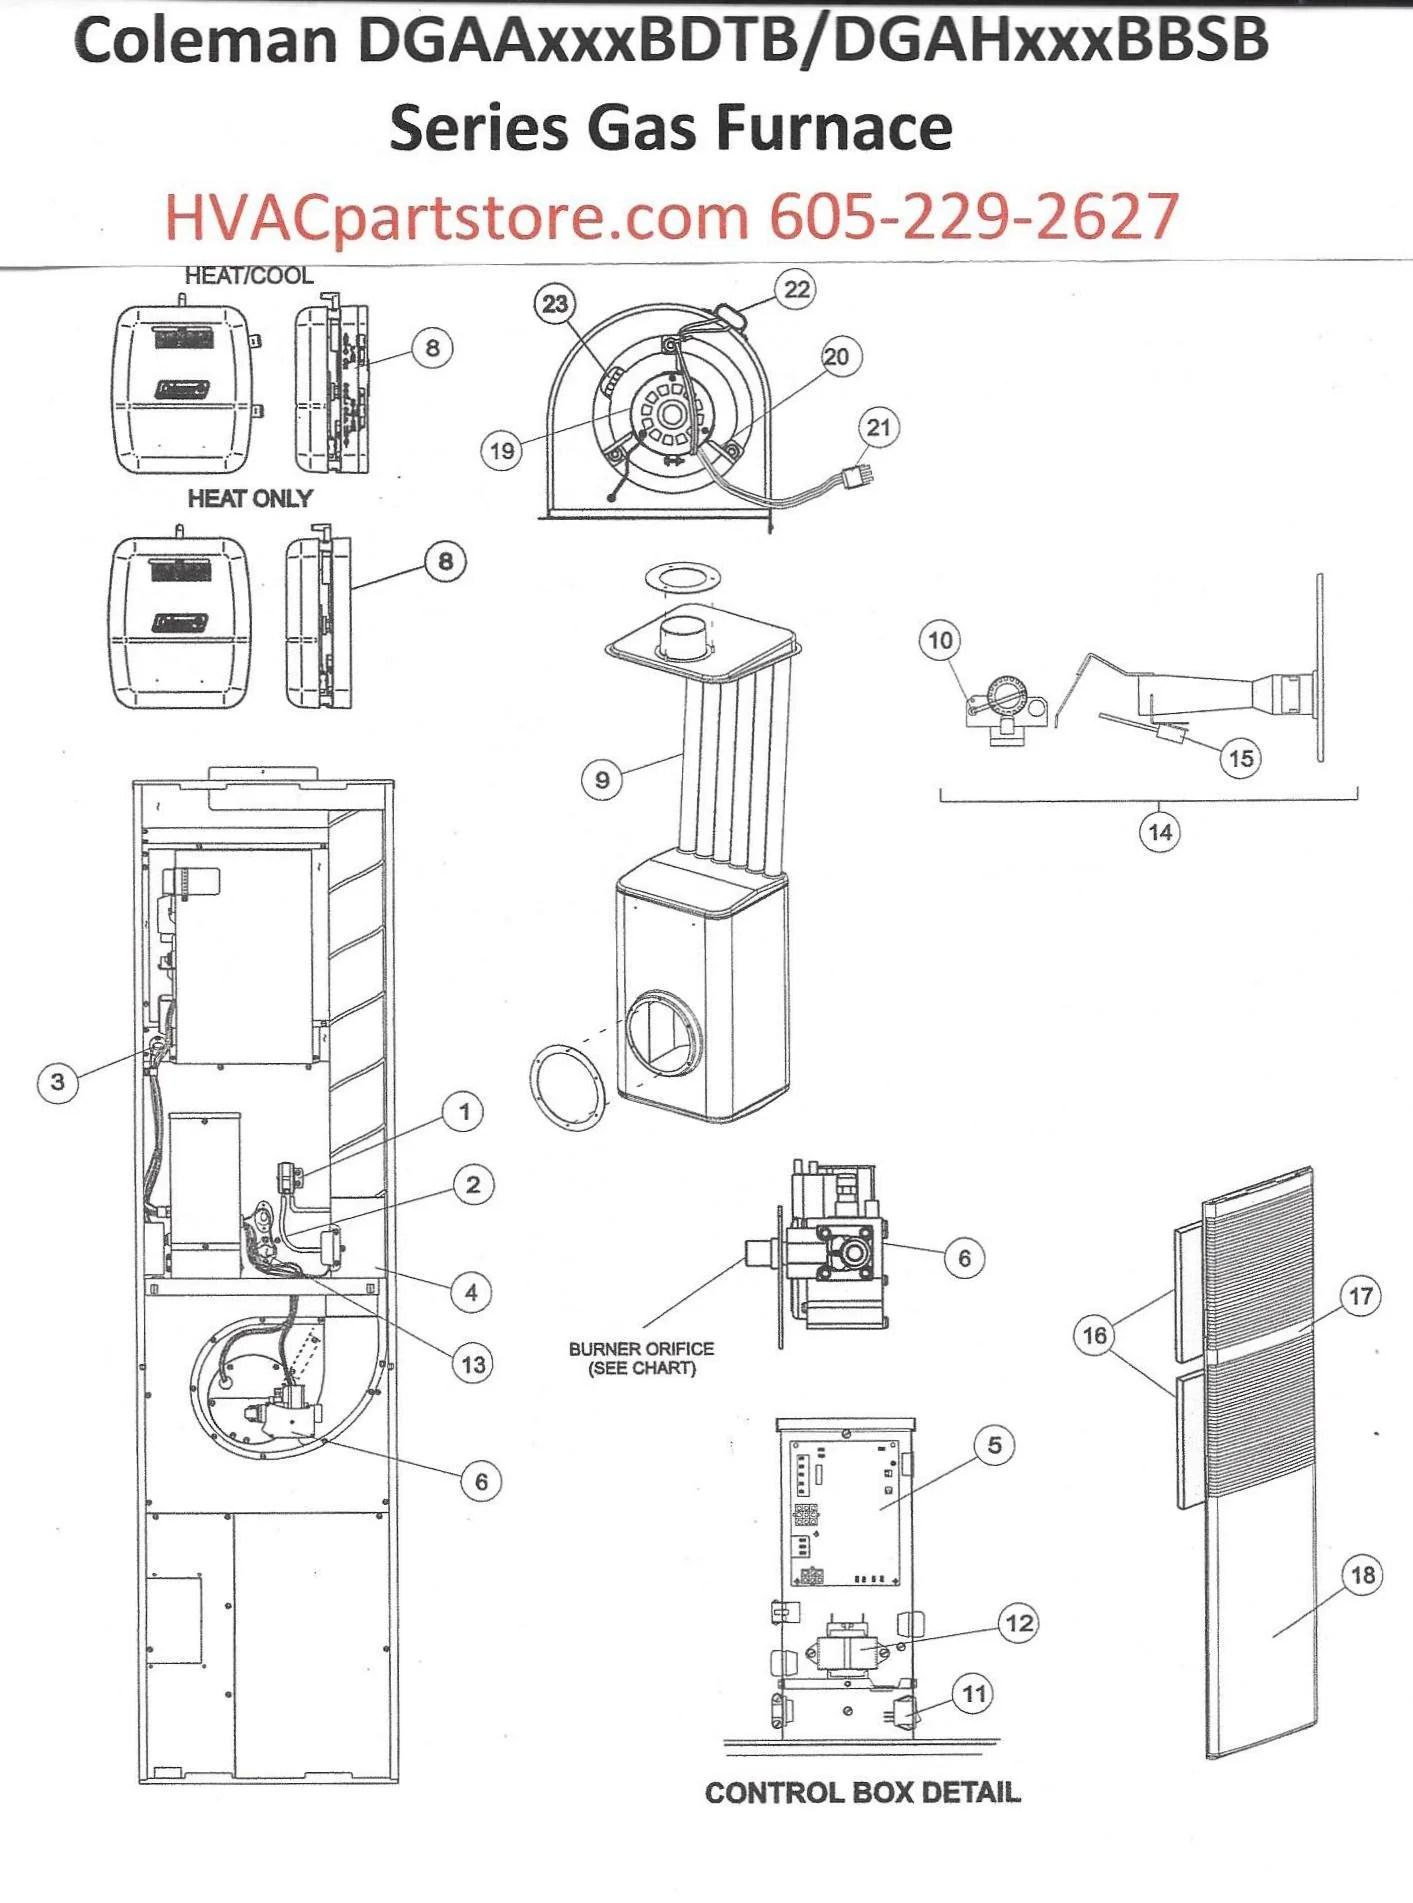 gas furnace gas valve wiring diagram